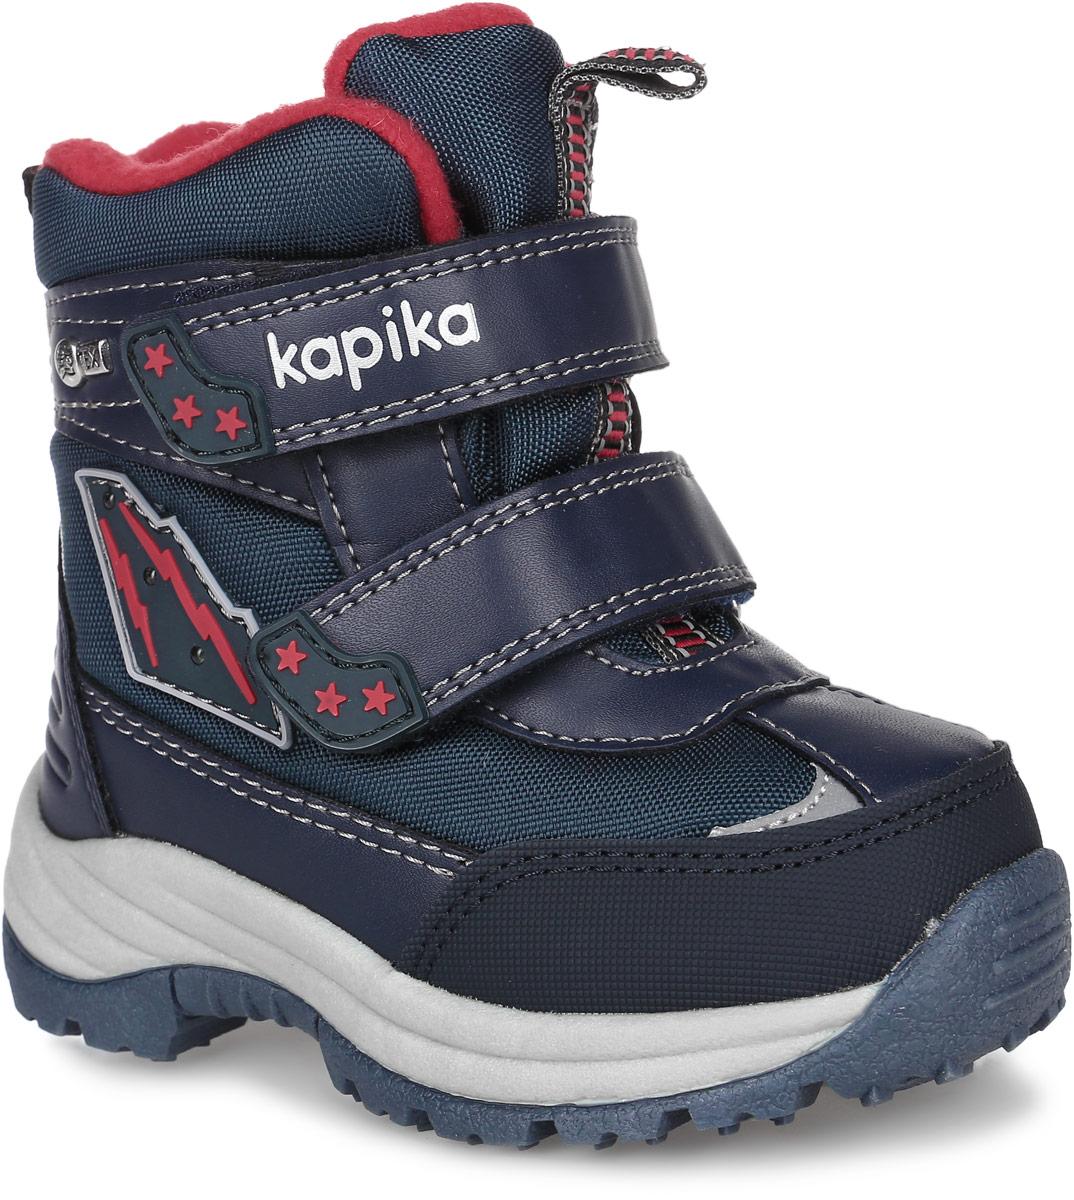 Ботинки для мальчика Kapika, цвет: темно-синий, красный. 41156-1. Размер 2341156-1Стильные ботинки от Kapika заинтересуют вашего мальчика с первого взгляда. Модель, выполненная из искусственной кожи и текстиля, оформлена фирменными нашивками. Мембранный слой защитит ножки вашего ребенка от намокания и обеспечит высокую воздухопроницаемость. Изделие на застежках-липучках, что способствует надежной фиксации на ноге. Задник оснащен ярлычком для облегчения надевания. Стелька, изготовленная на 80% из натурального овечьего шерстяного меха, отлично сохраняет тепло и надежно защищает от холода, а также создаёт условия для удобного и долговечного использования. Рельефная подошва, выполненная из материала ТЭП, обеспечивает сцепление с любой поверхностью. Материал ТЭП не пропускает и не впитывает воду.При ходьбе сбоку на нашивке мигают огоньки. Чудесные ботинки займут достойное место в гардеробе вашего ребенка.